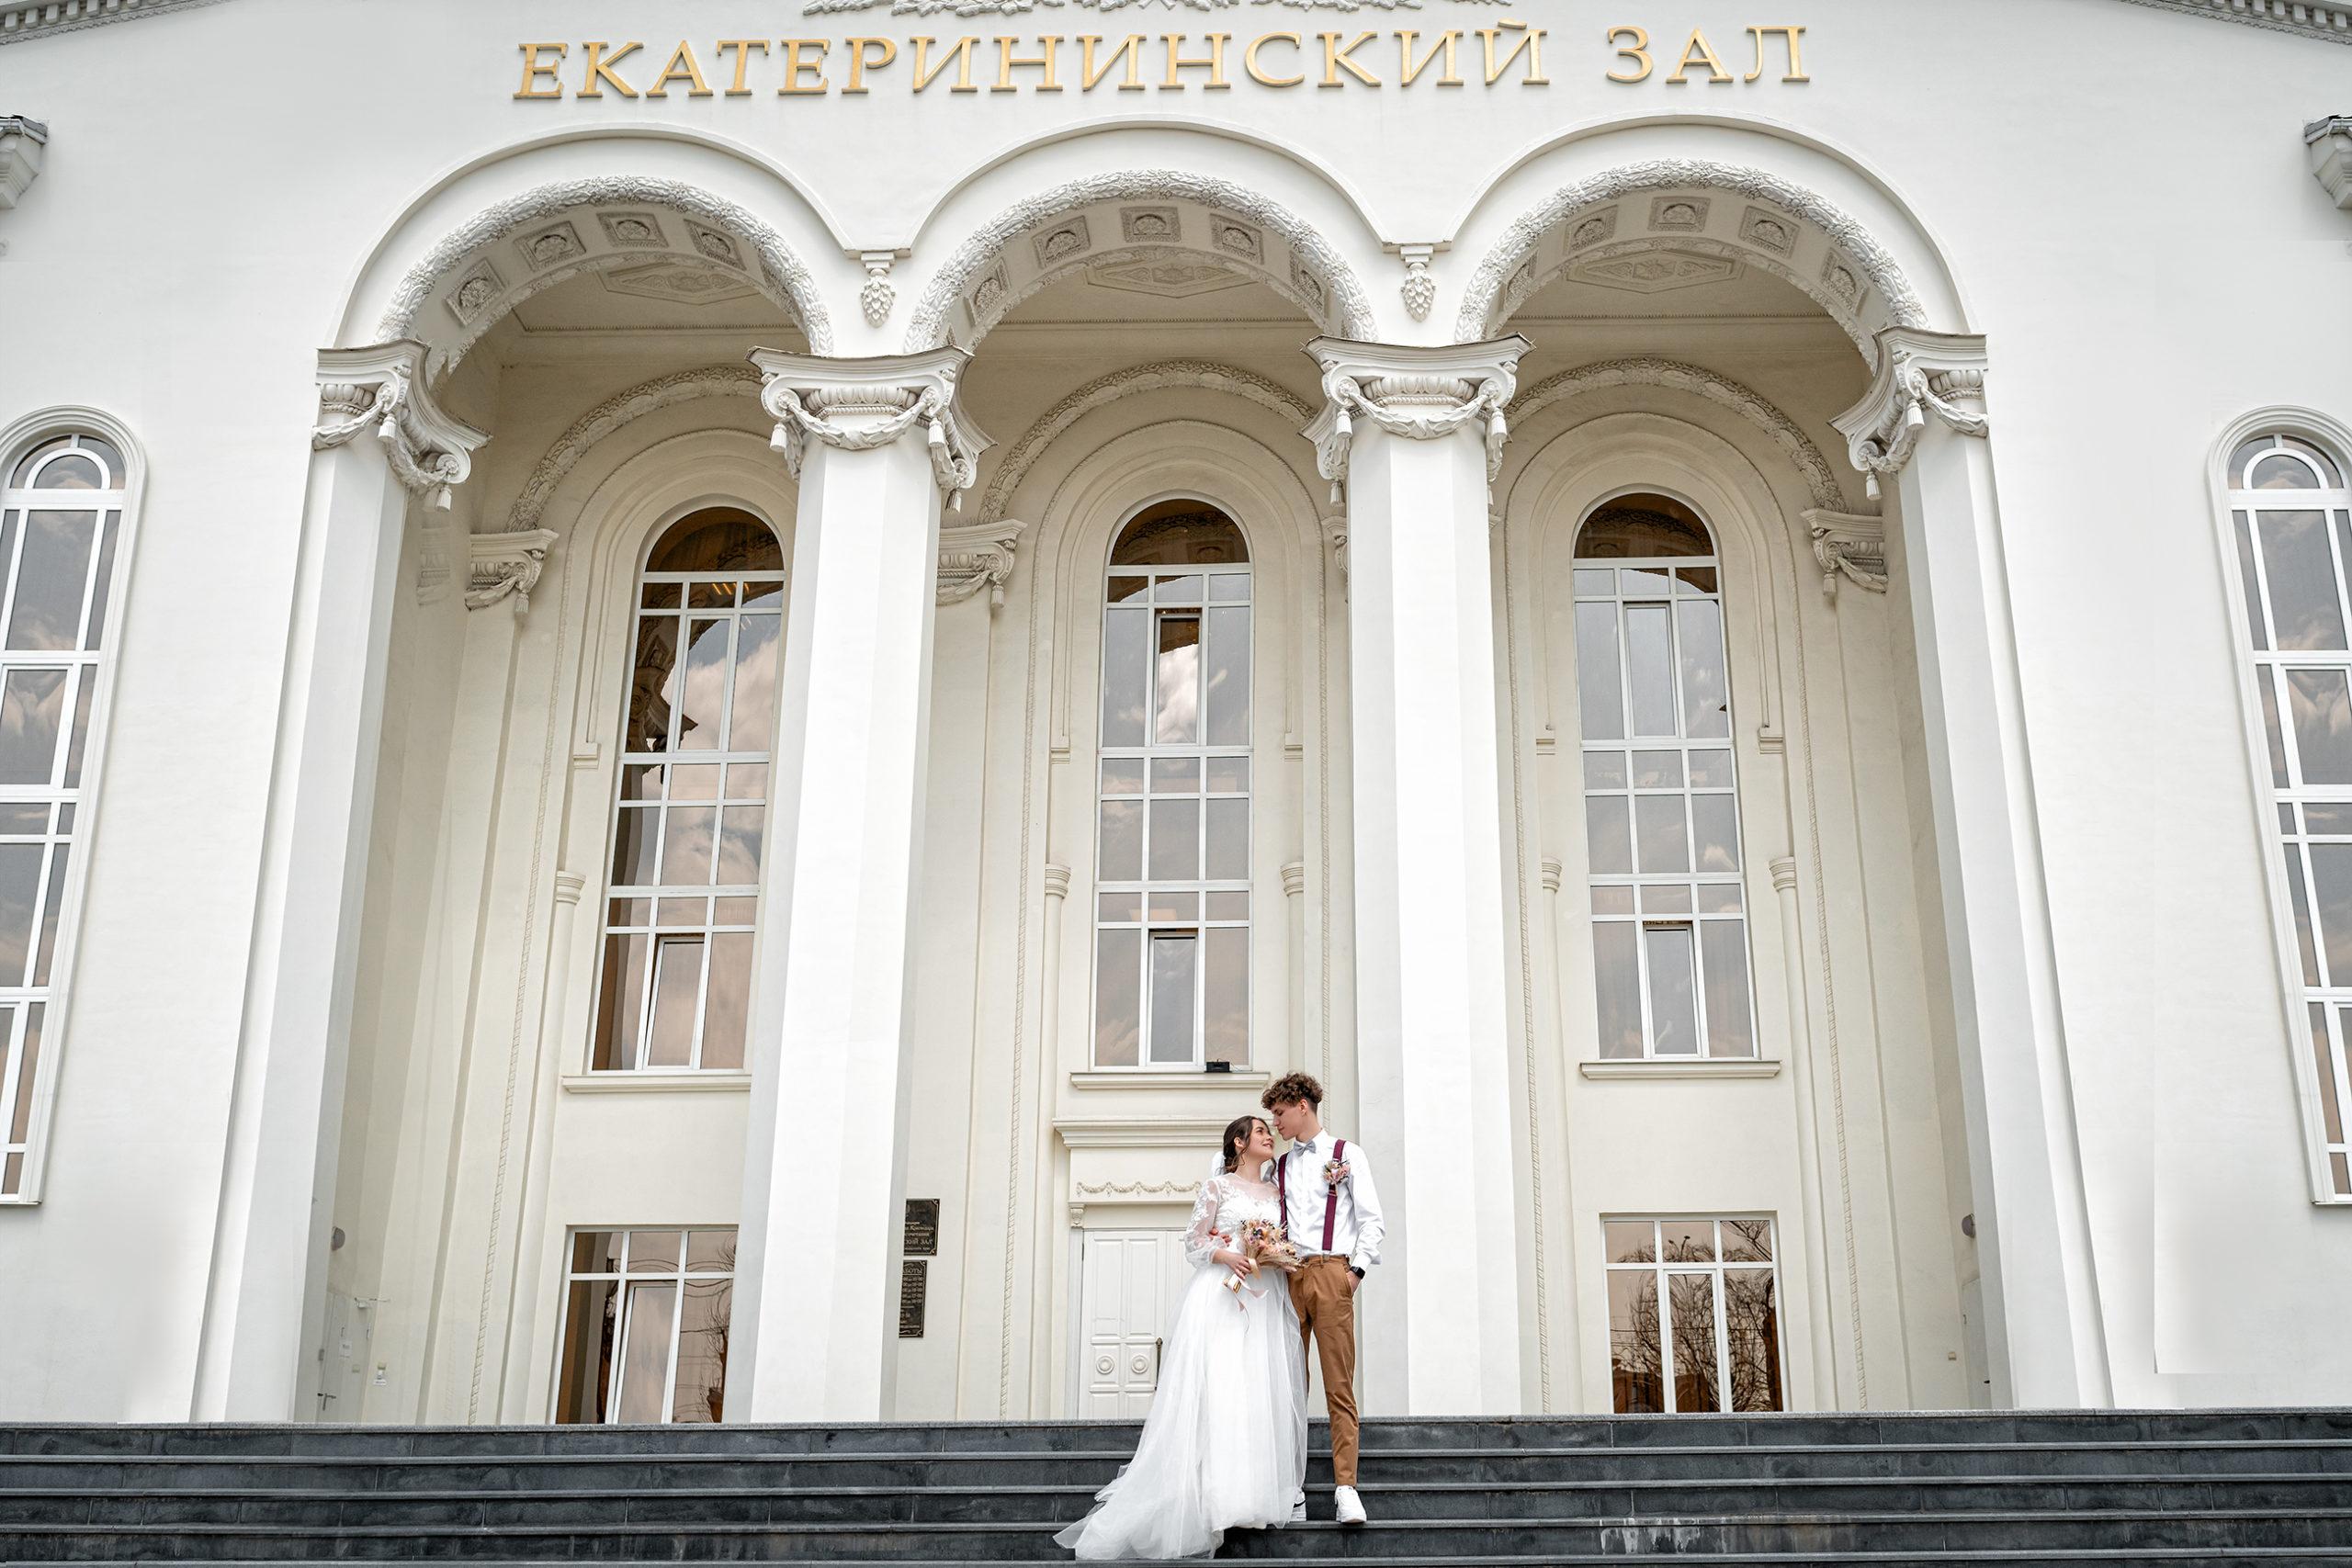 Cвадебная фотосъемка в ЗАГСе Екатерининский Зал Краснодар от свадебного фотографа. Главный вход в ЗАГС Екатерининский Зал